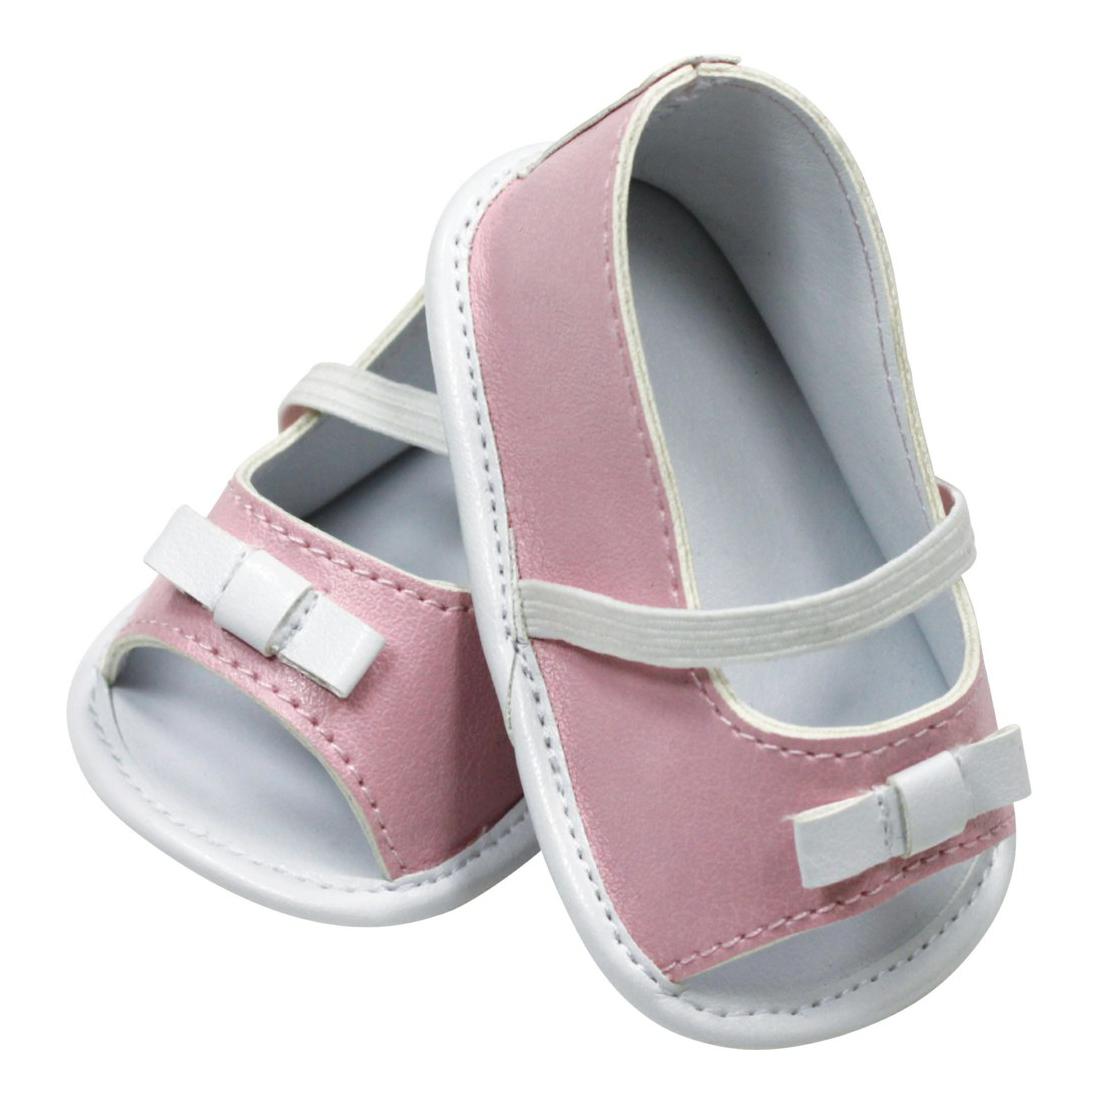 Обувь для кукол – БосоножкиОдежда для кукол<br>Обувь для кукол – Босоножки<br>